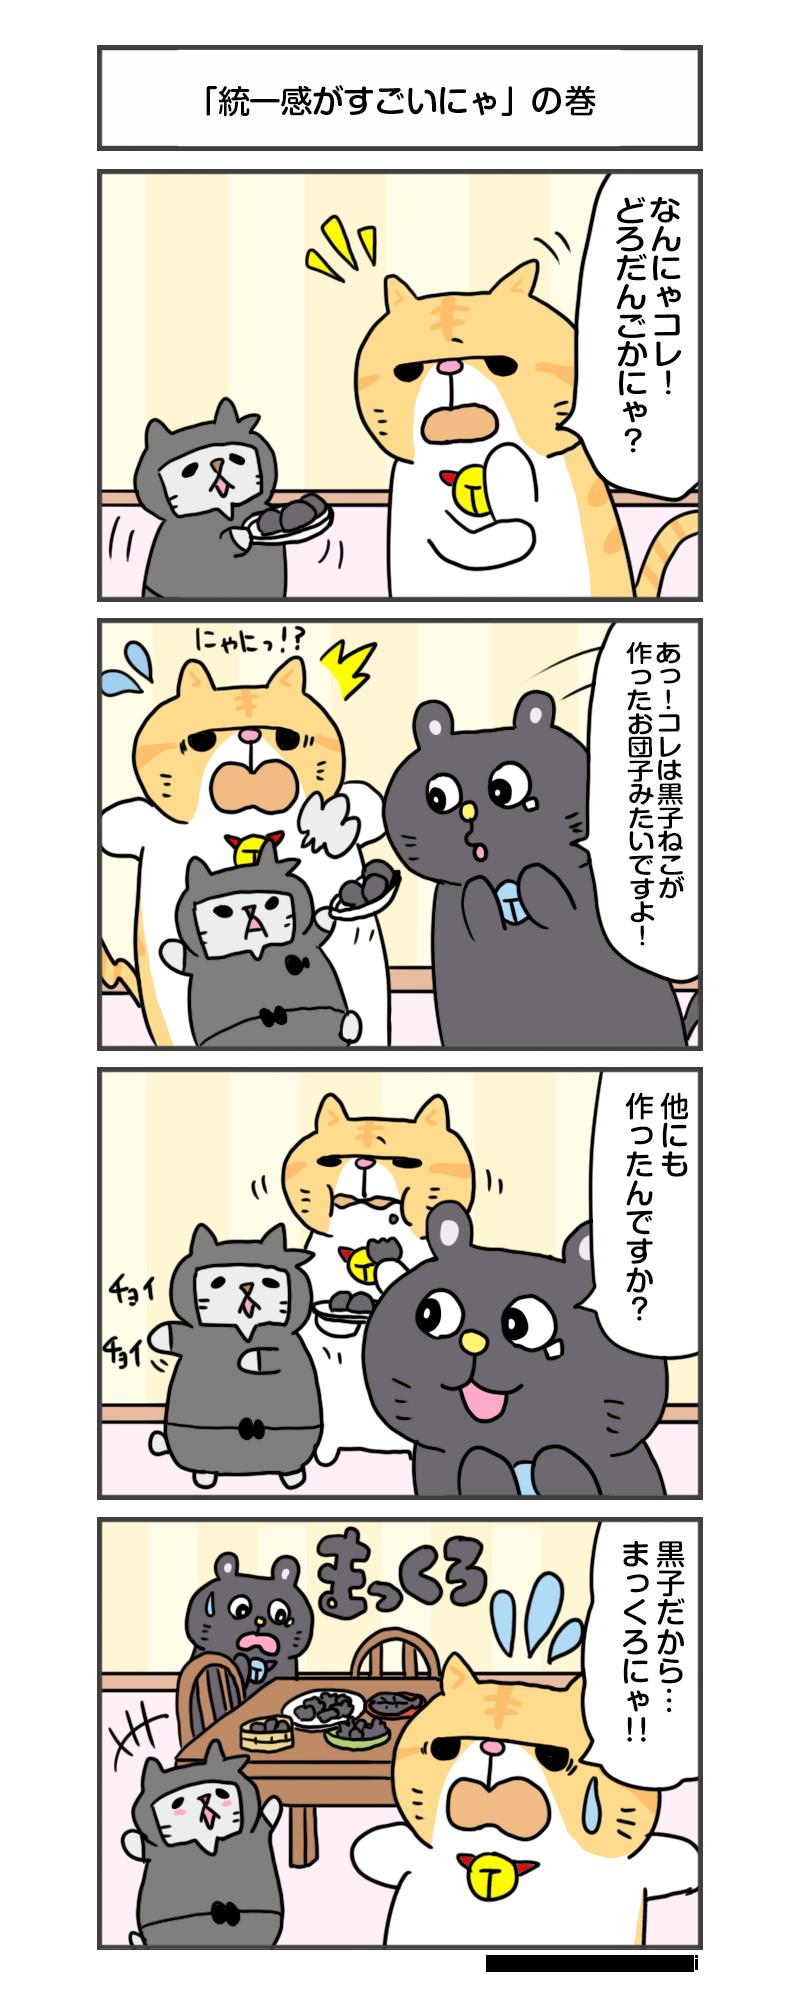 えきぞうmanga_vol.291